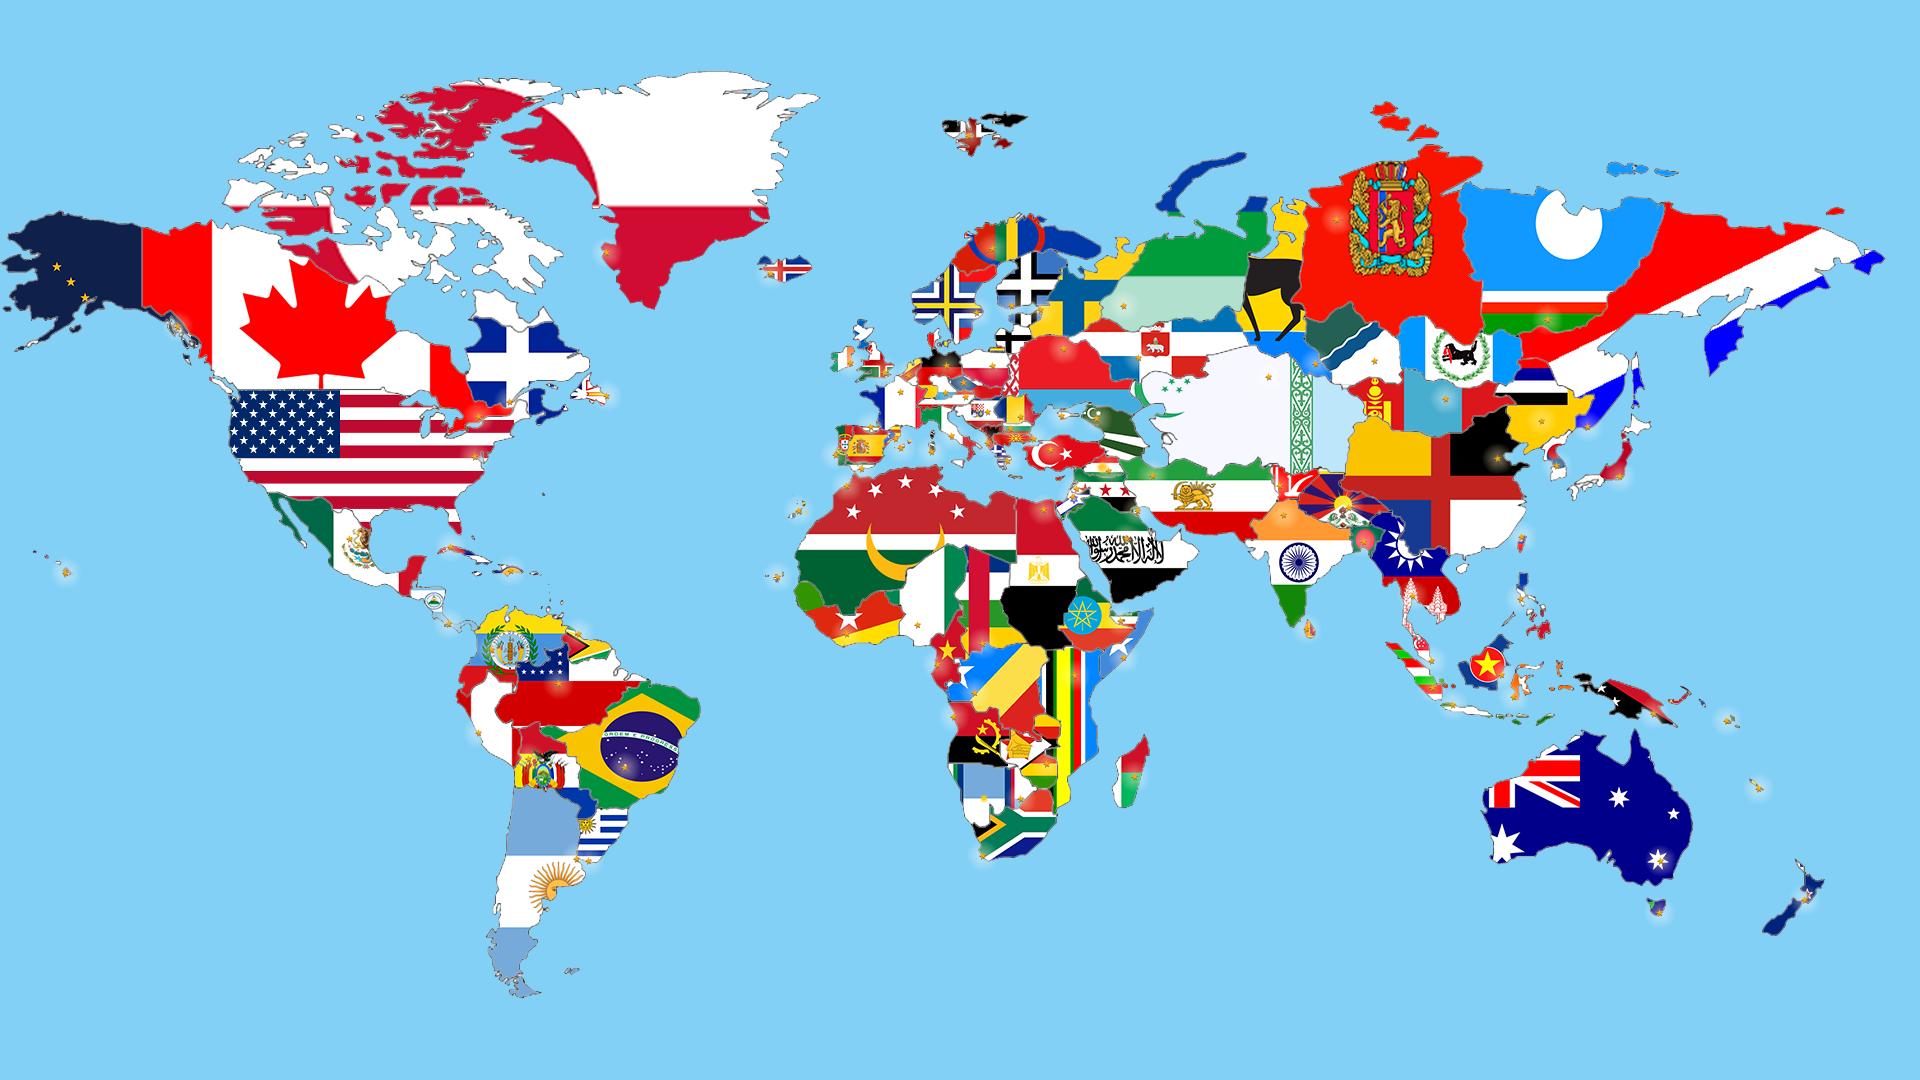 Image alternate flag mapg thefutureofeuropes wiki fandom alternate flag mapg gumiabroncs Choice Image